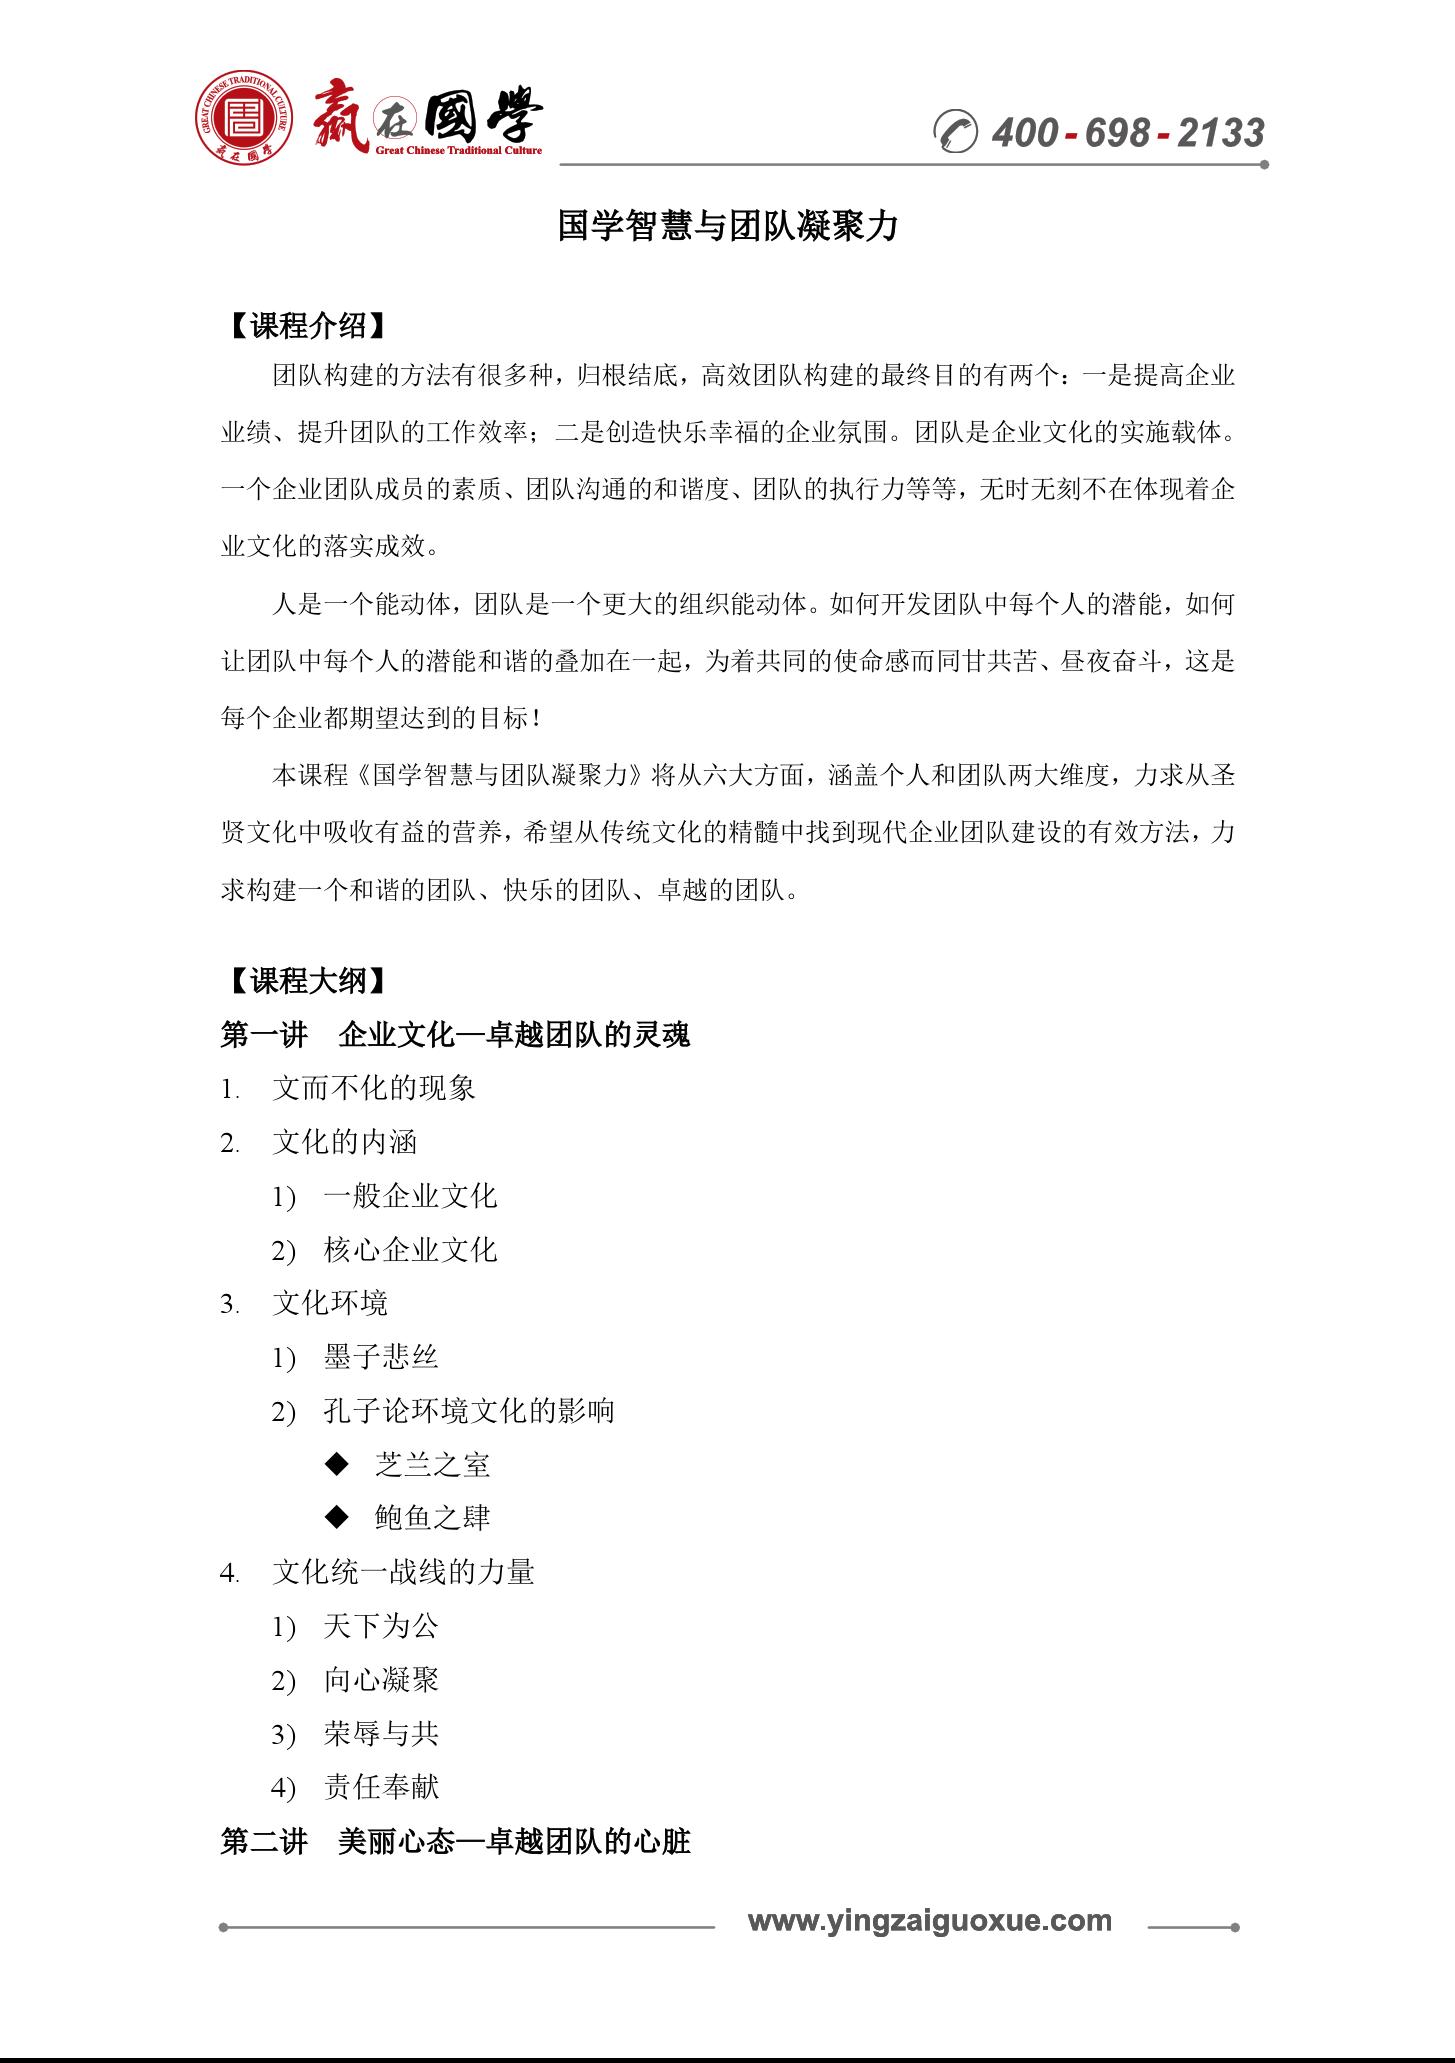 国学智慧与团队凝聚力(王泽仁老师)